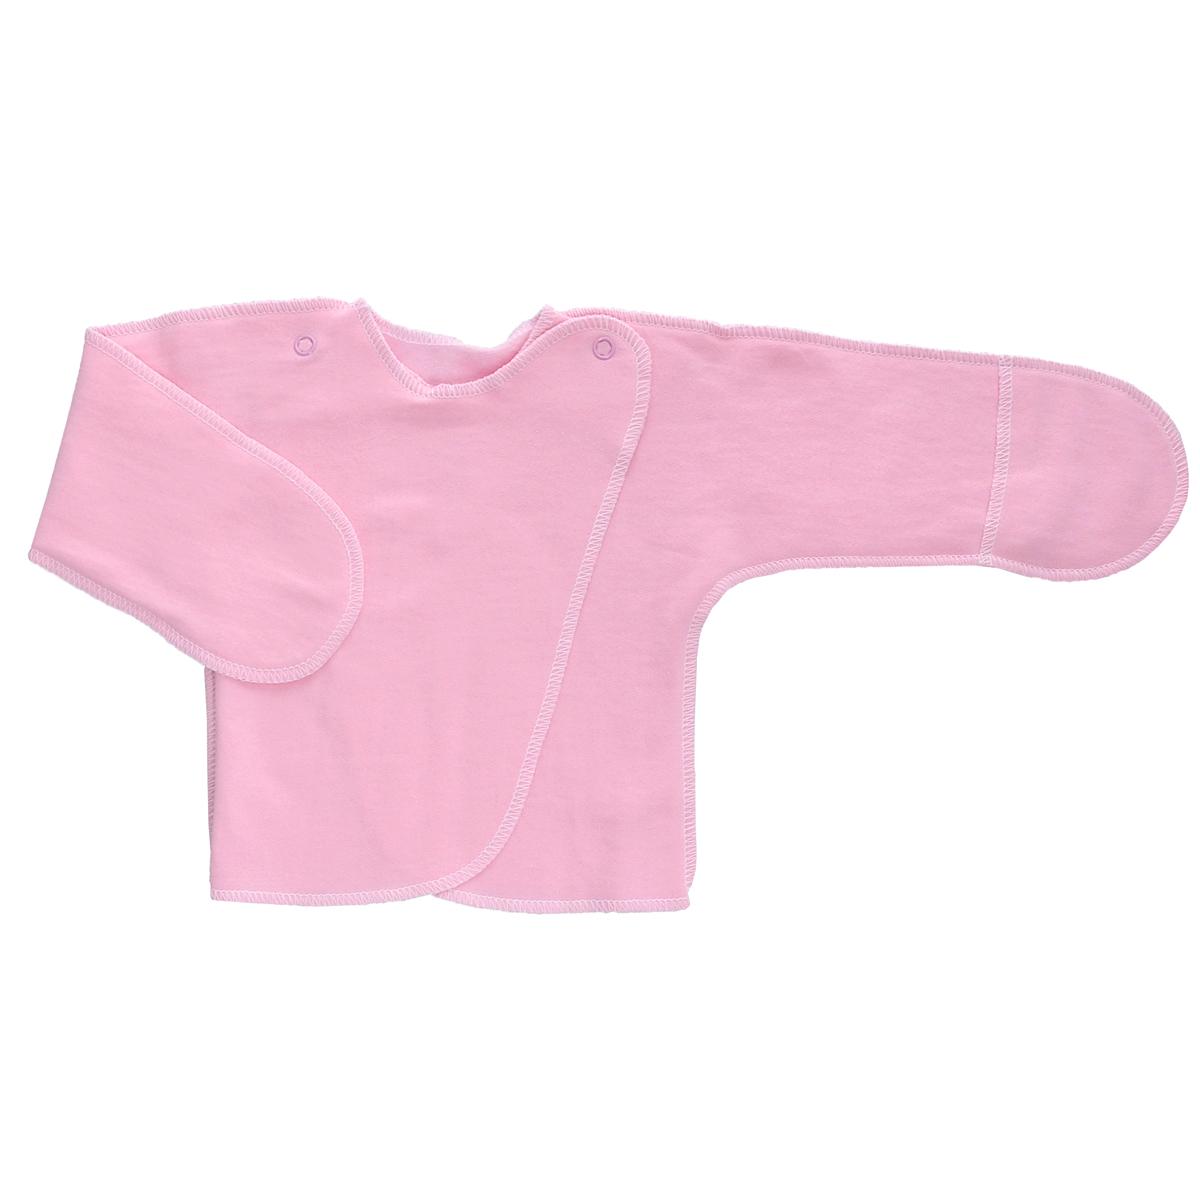 5023Распашонка с закрытыми ручками Трон-плюс послужит идеальным дополнением к гардеробу младенца. Распашонка, выполненная швами наружу, изготовлена из футера - натурального хлопка, благодаря чему она необычайно мягкая, легкая и теплая, не раздражает нежную кожу ребенка и хорошо вентилируется, а эластичные швы приятны телу младенца и не препятствуют его движениям. Распашонка с запахом, застегивается при помощи двух кнопок на плечах, которые позволяют без труда переодеть ребенка. Благодаря рукавичкам ребенок не поцарапает себя.